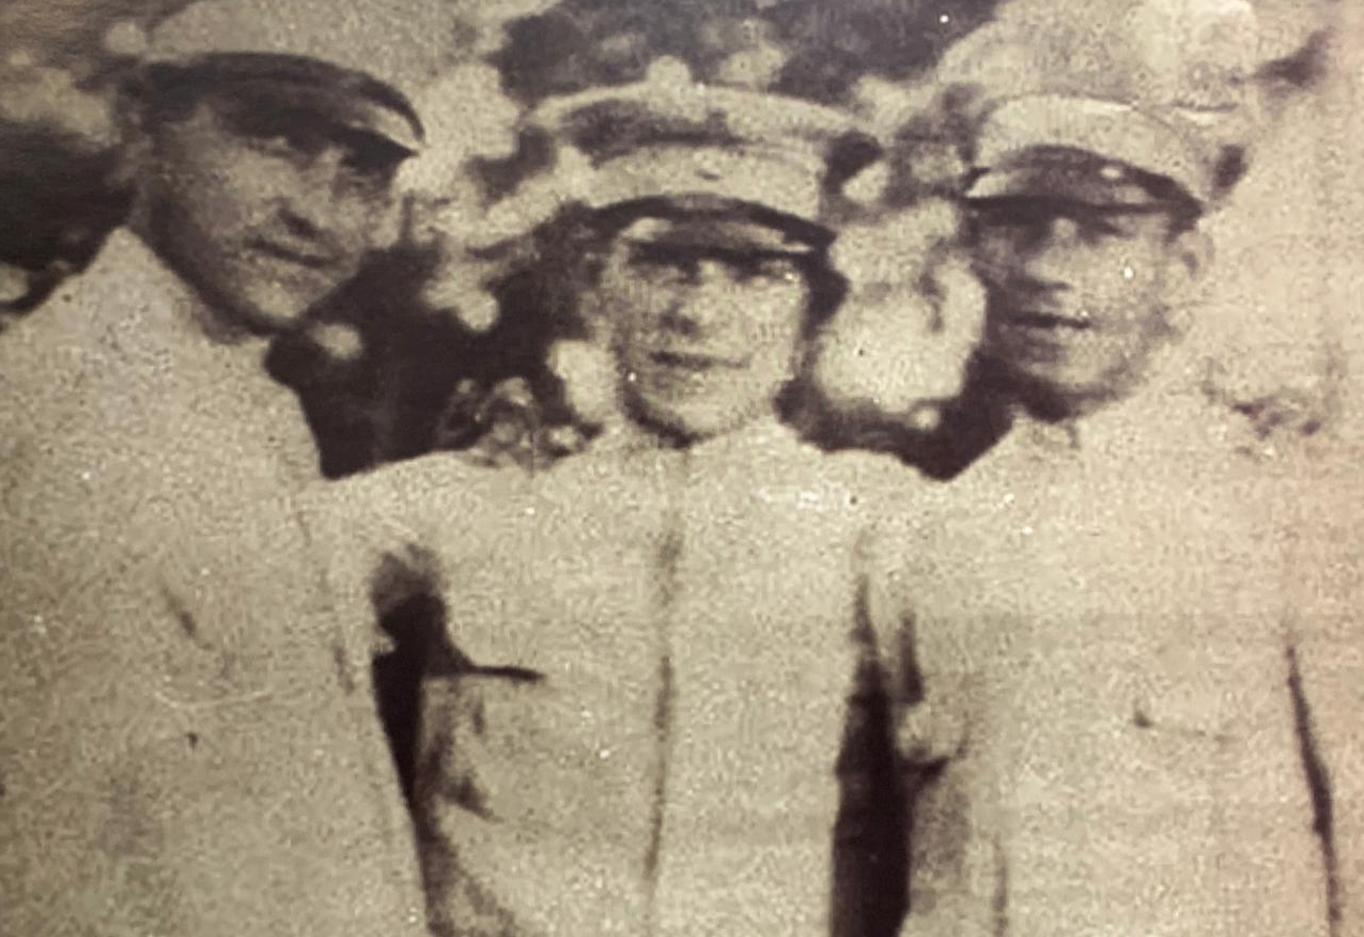 Lugo, Flores y Gómez Serrato. Banda de la Policía, ca. 1925-1927